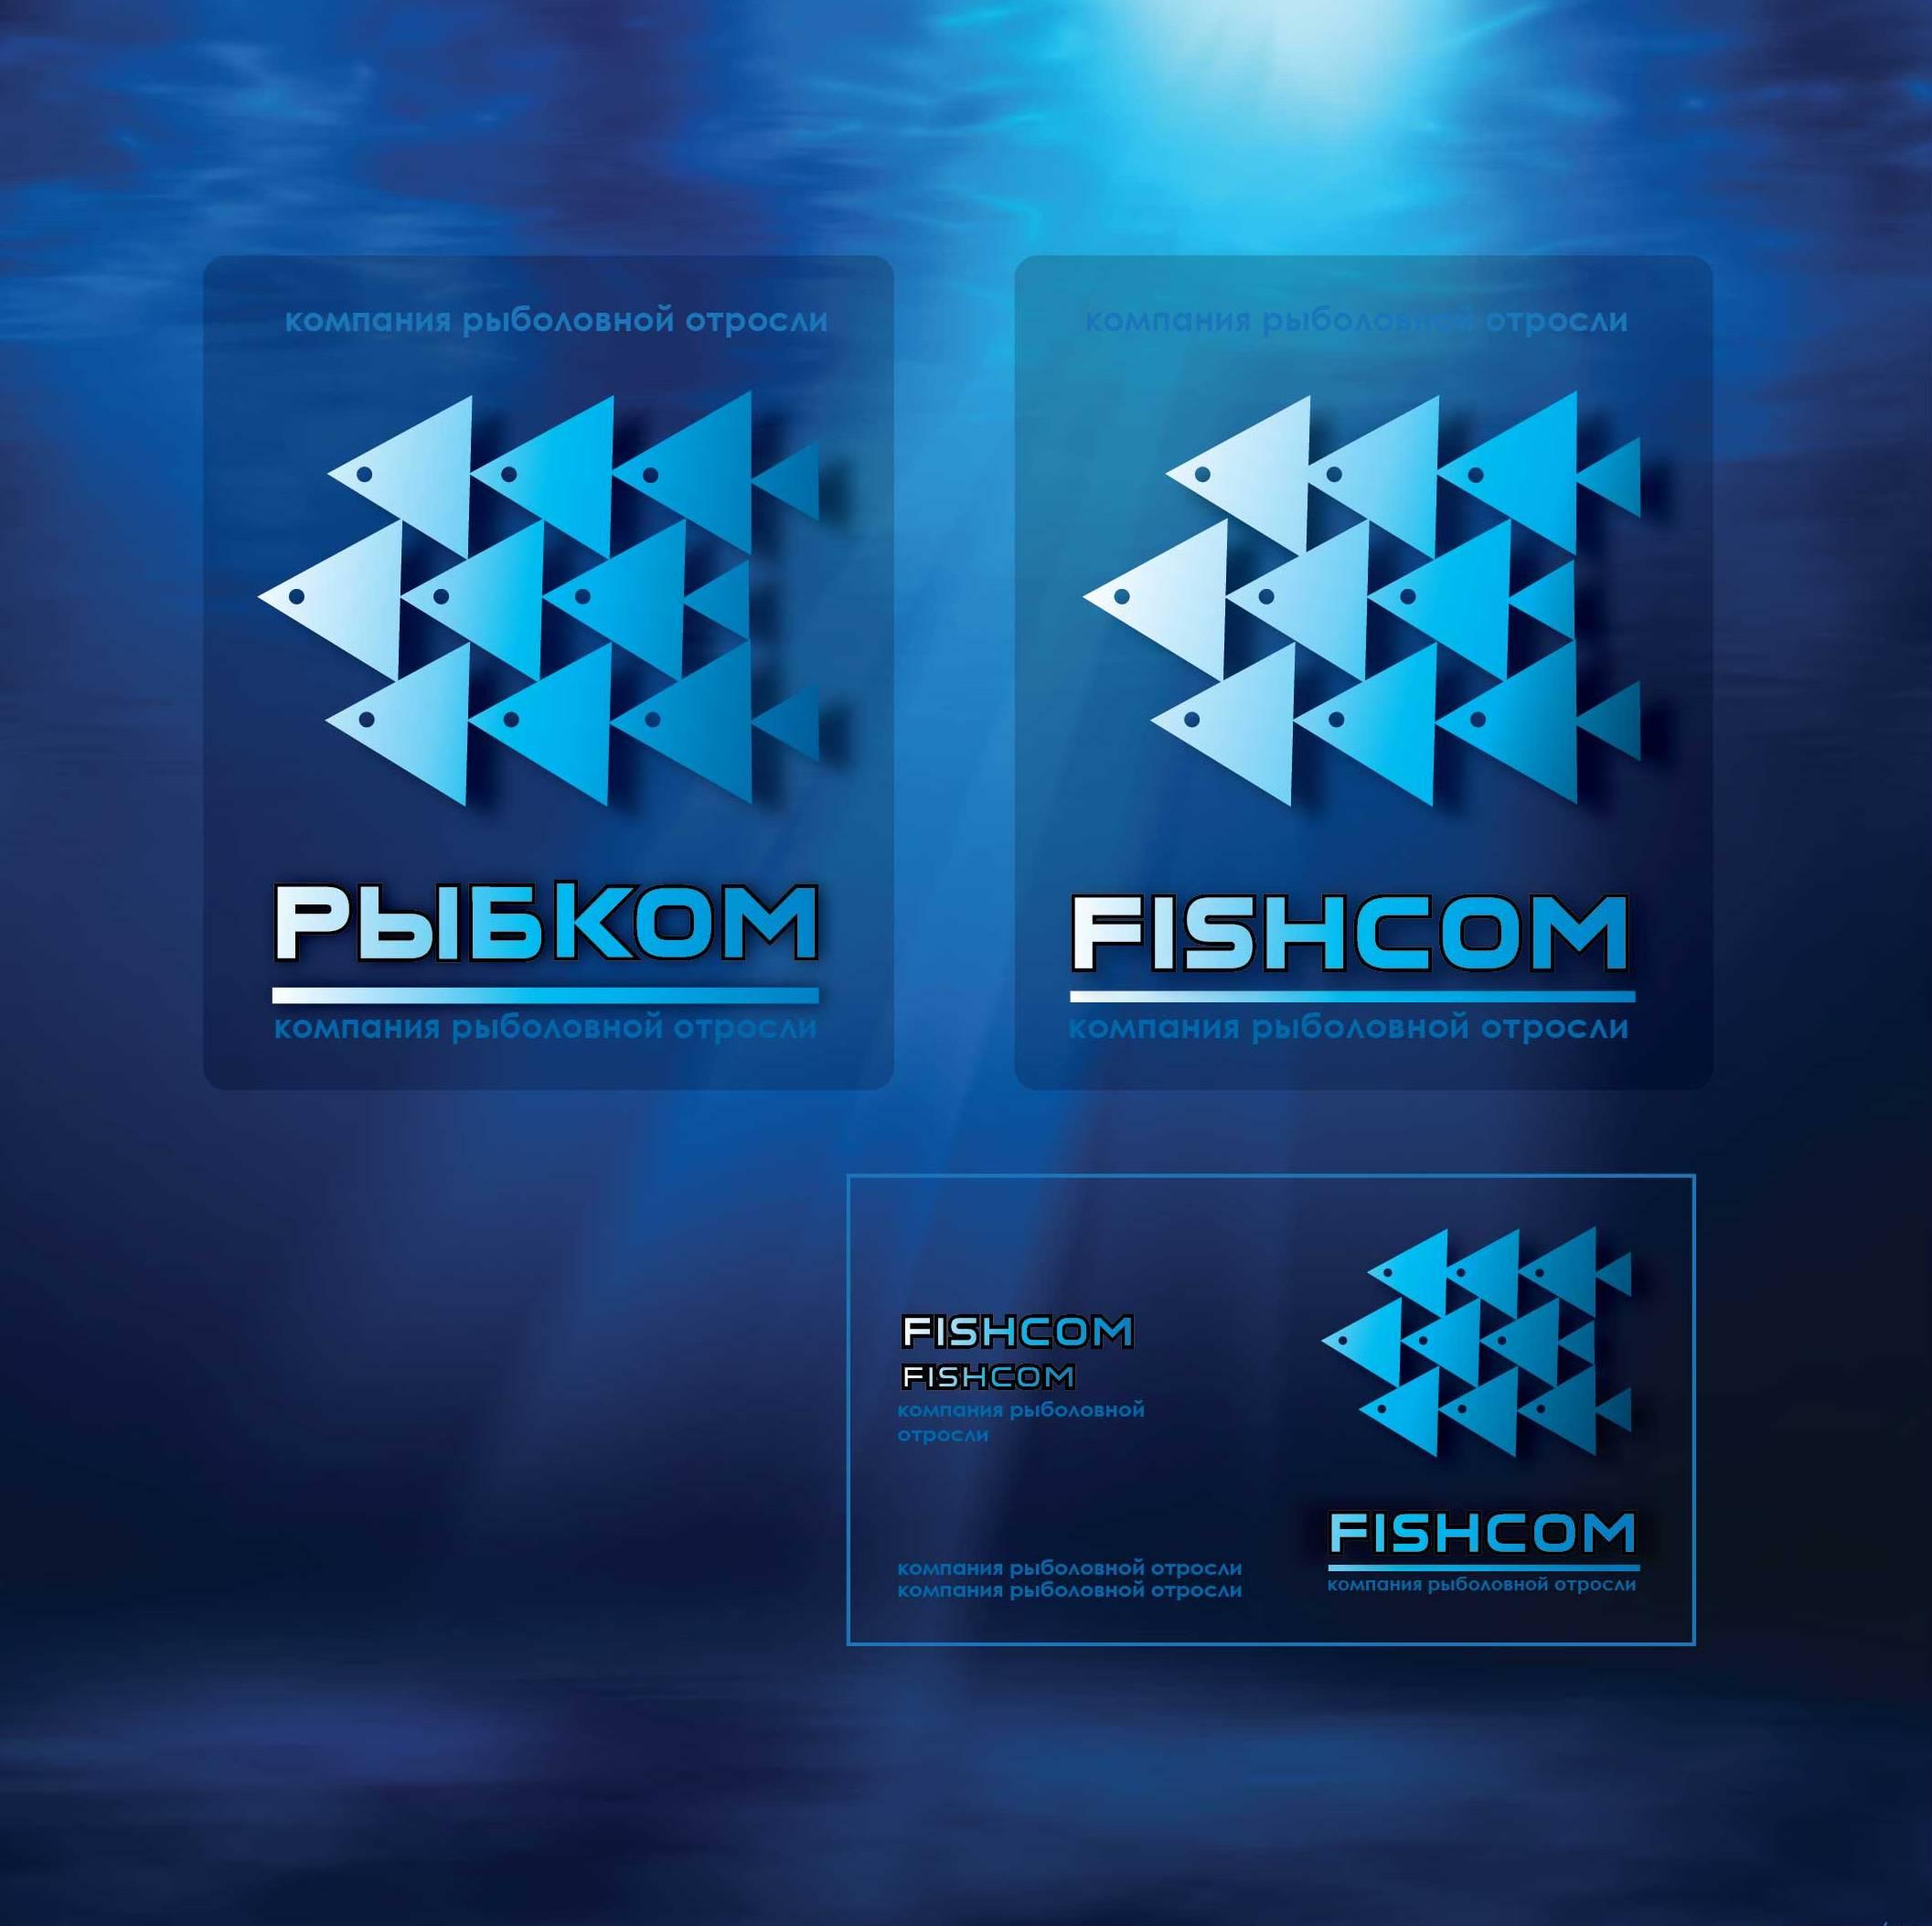 Создание логотипа и брэндбука для компании РЫБКОМ фото f_9095c194ba8936b2.jpg